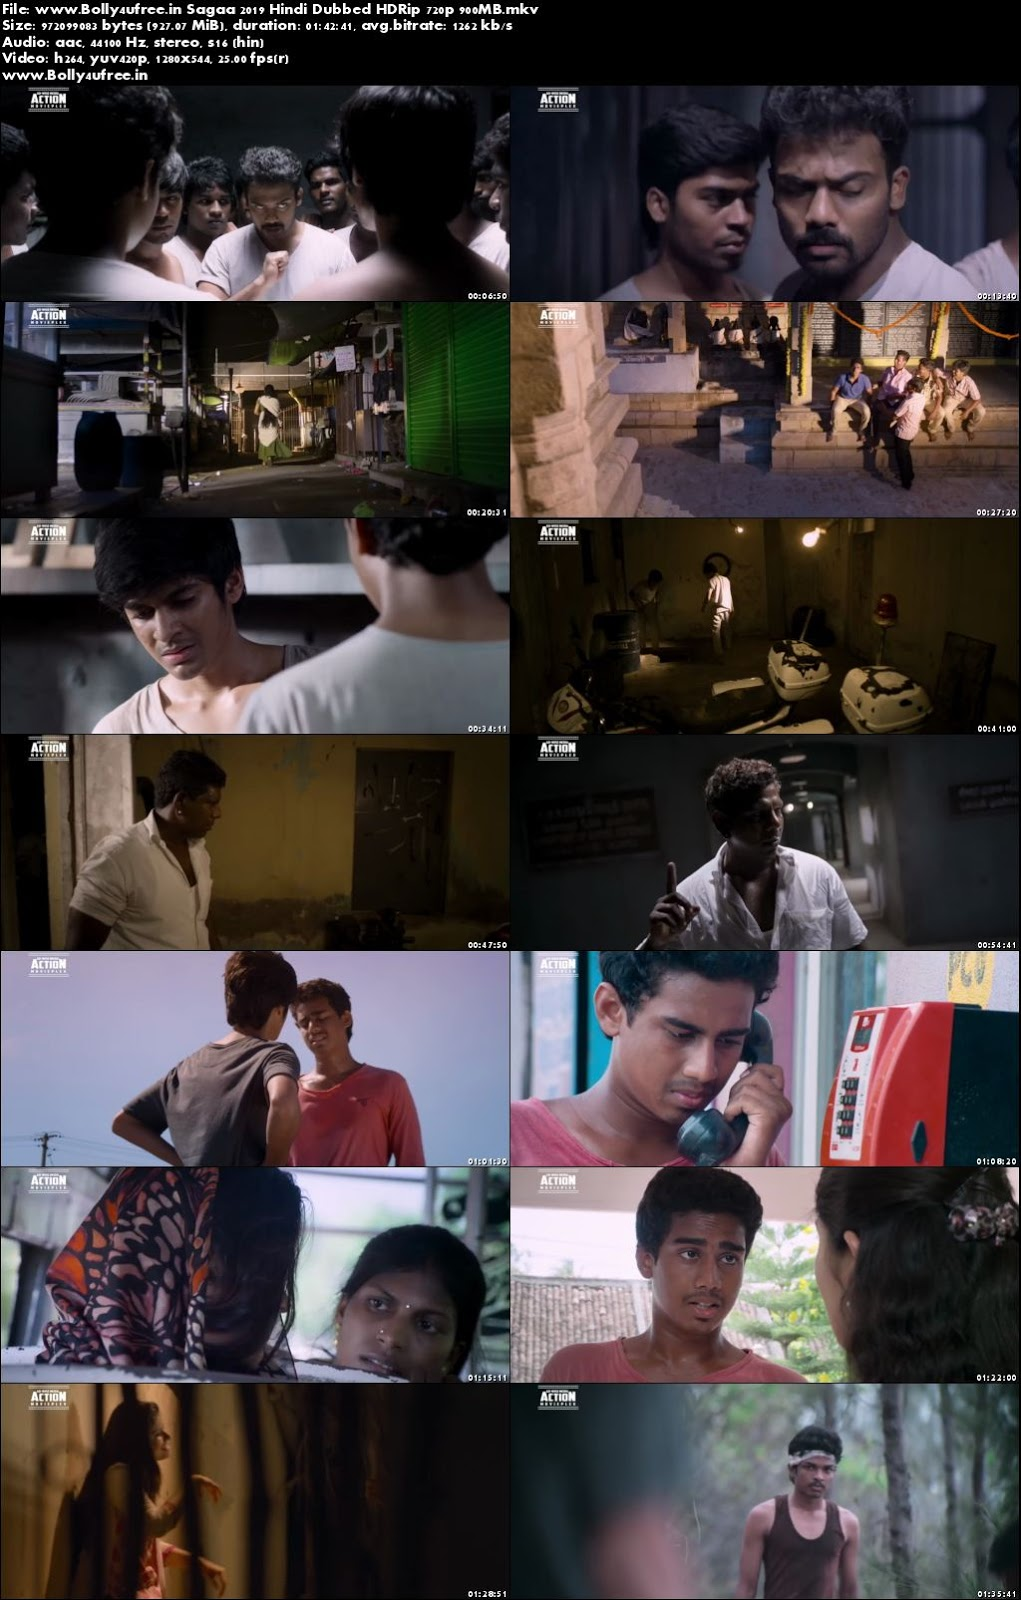 Sagaa 2019 Hindi Dubbed HDRip 480p 300MB Download